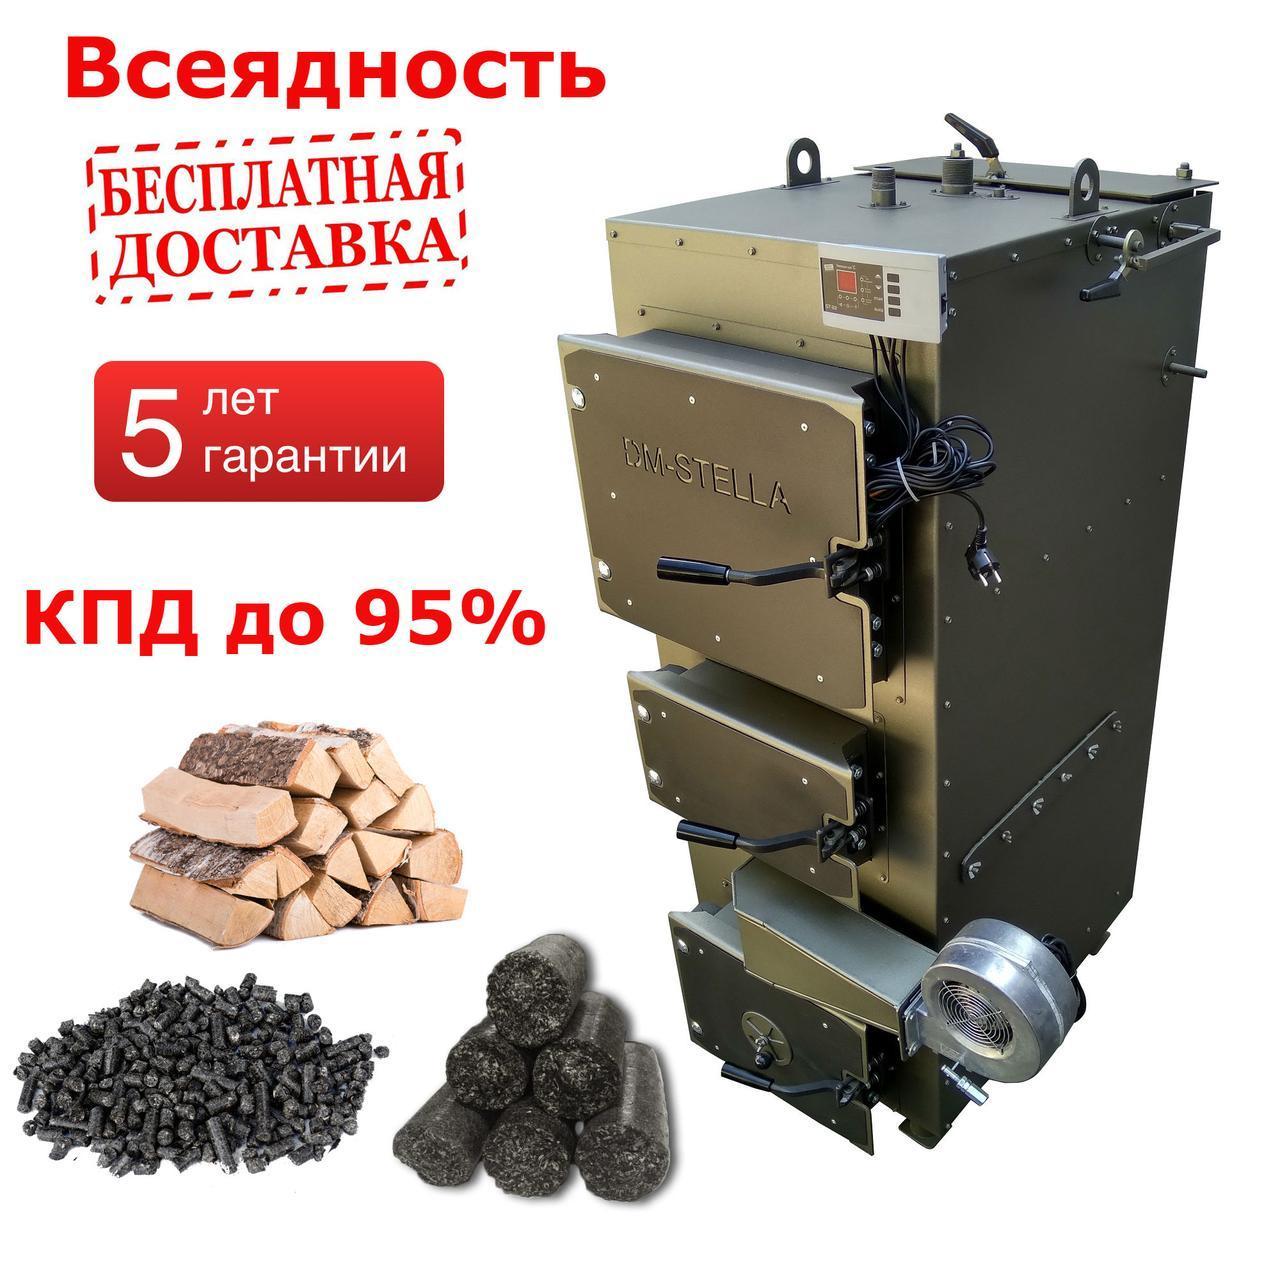 Пиролизный котел 50 кВт DM-STELLA